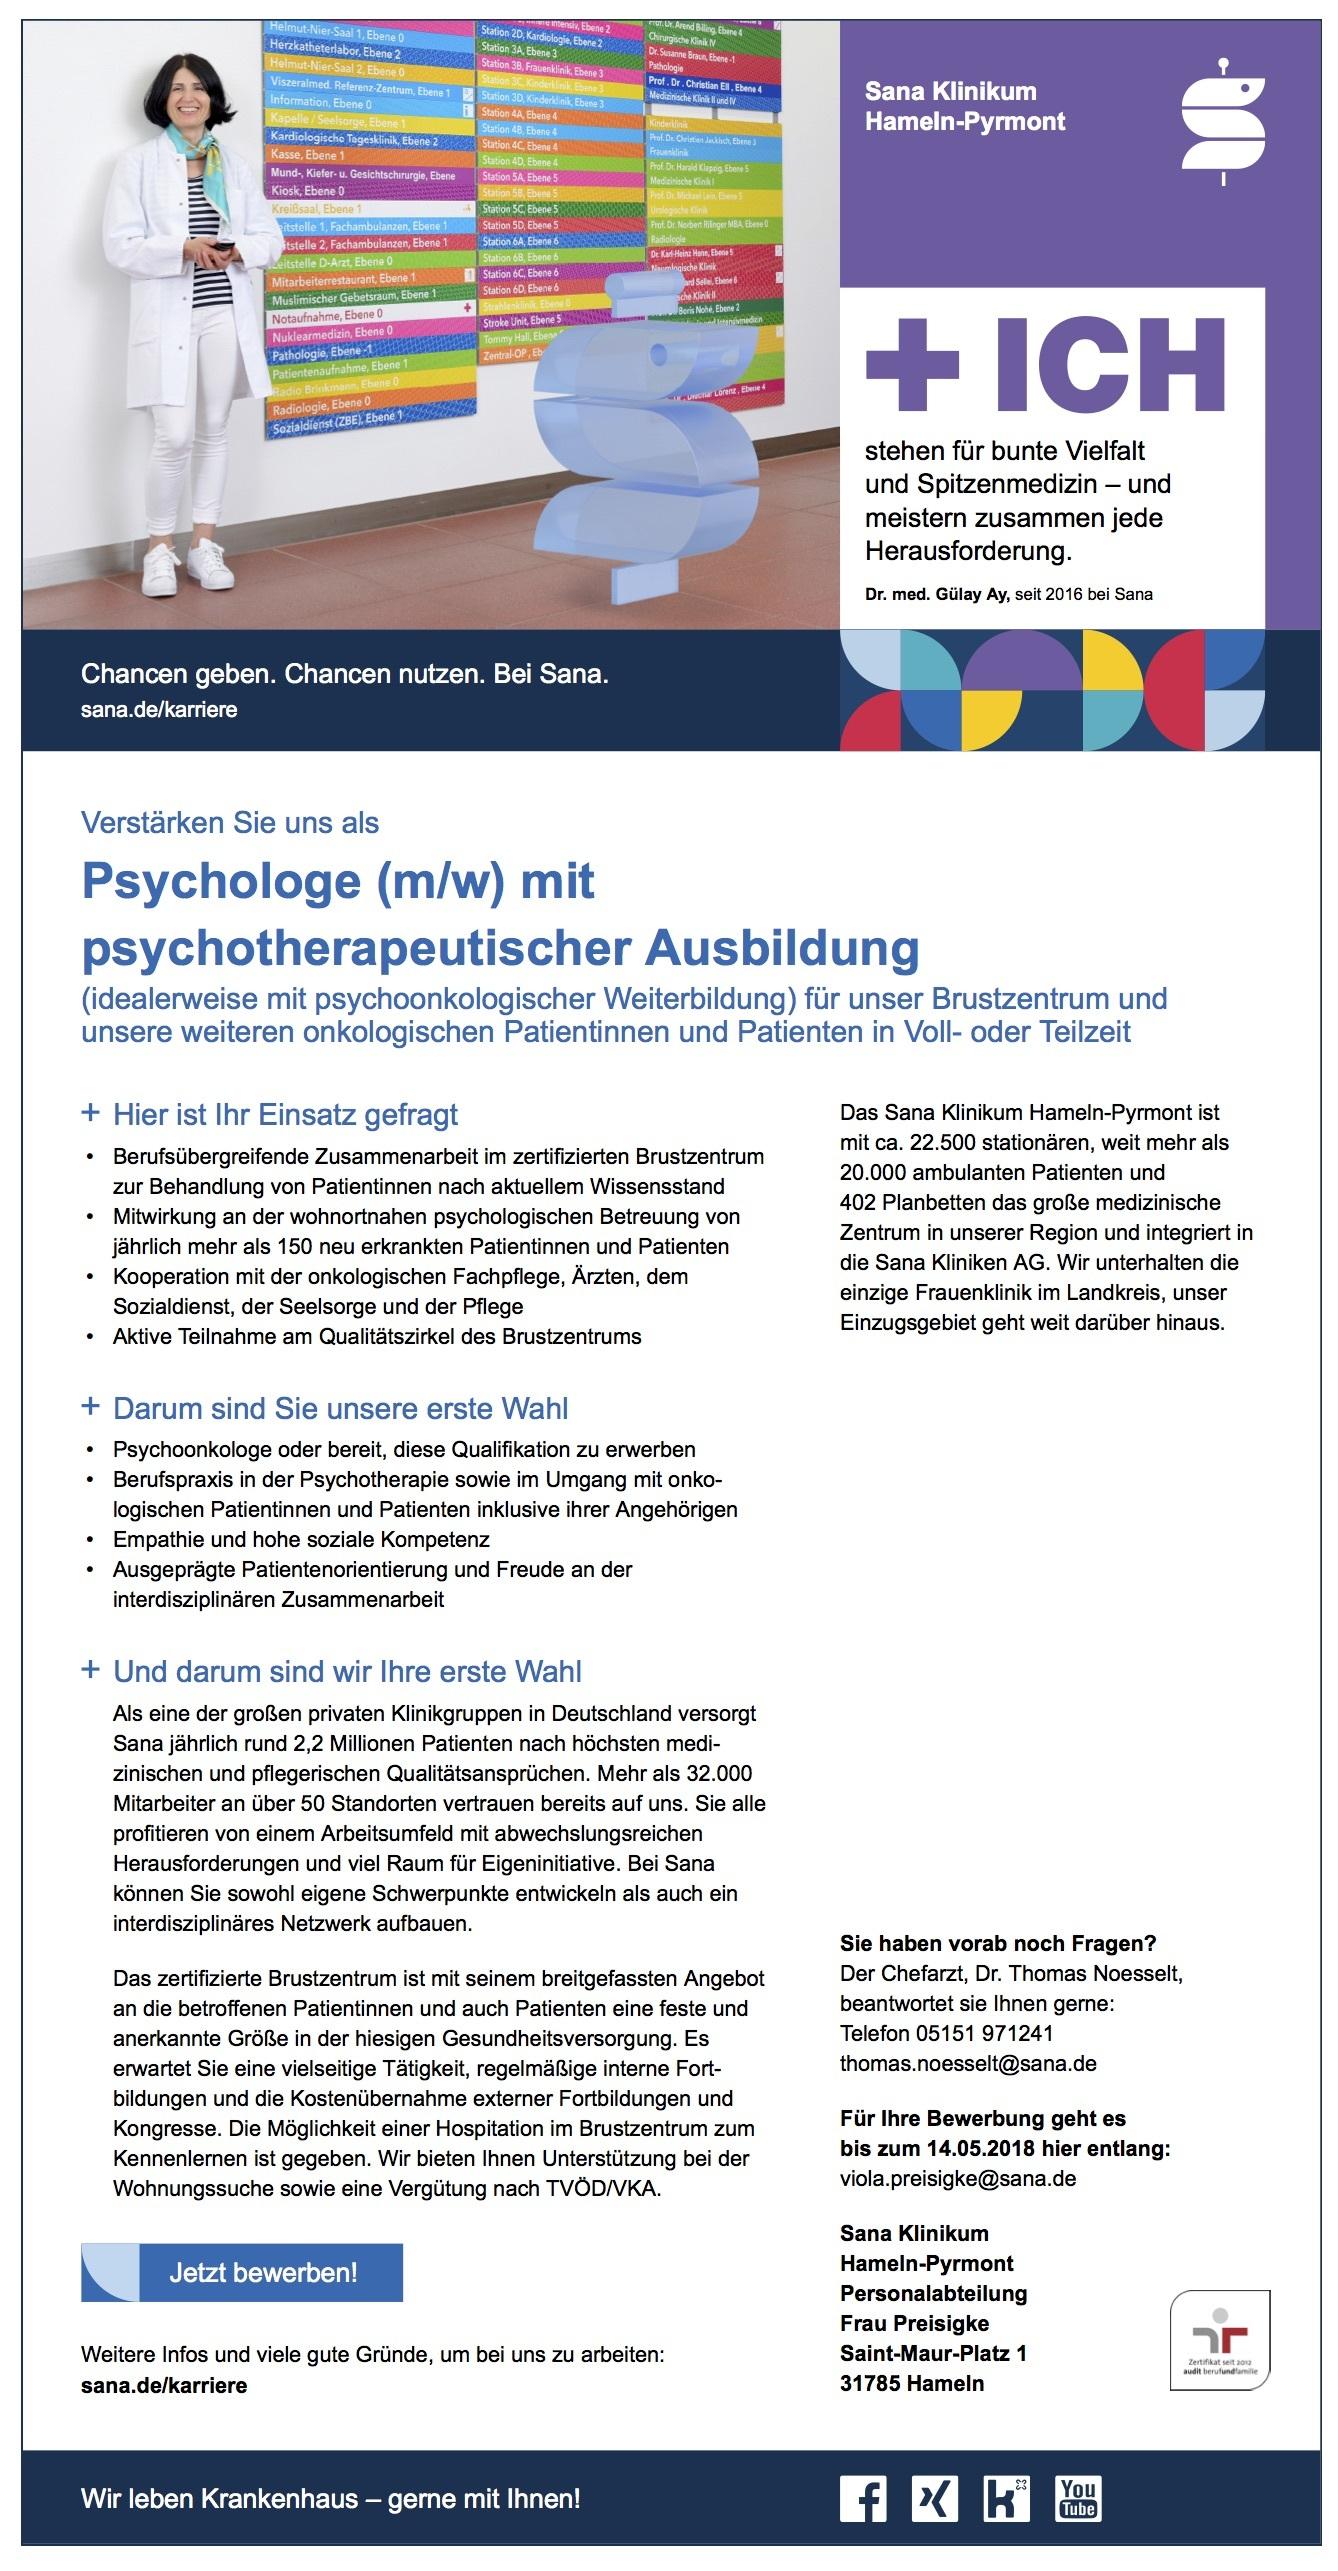 Psychologe (m/w) mit psychotherapeutischer Ausbildung